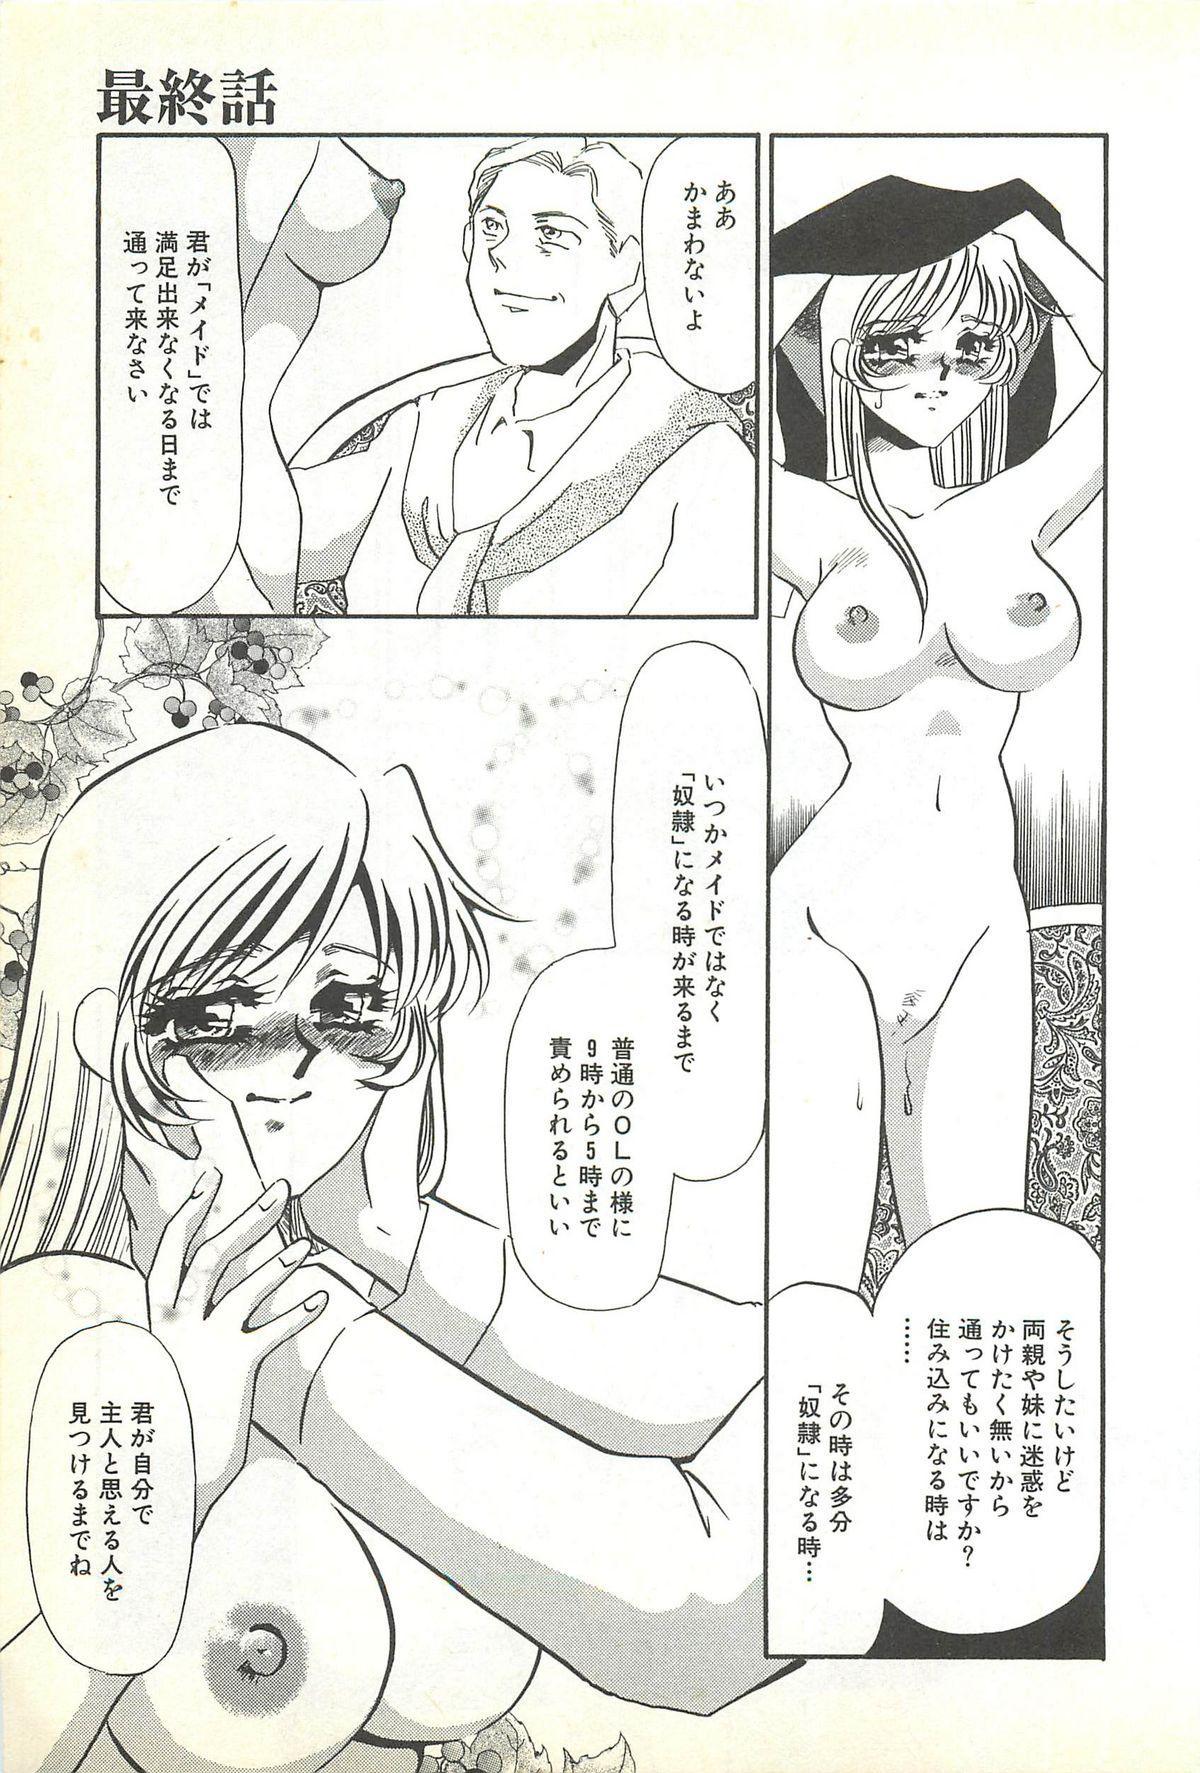 Chigyaku no Heya - A Shameful Punishment Room 148